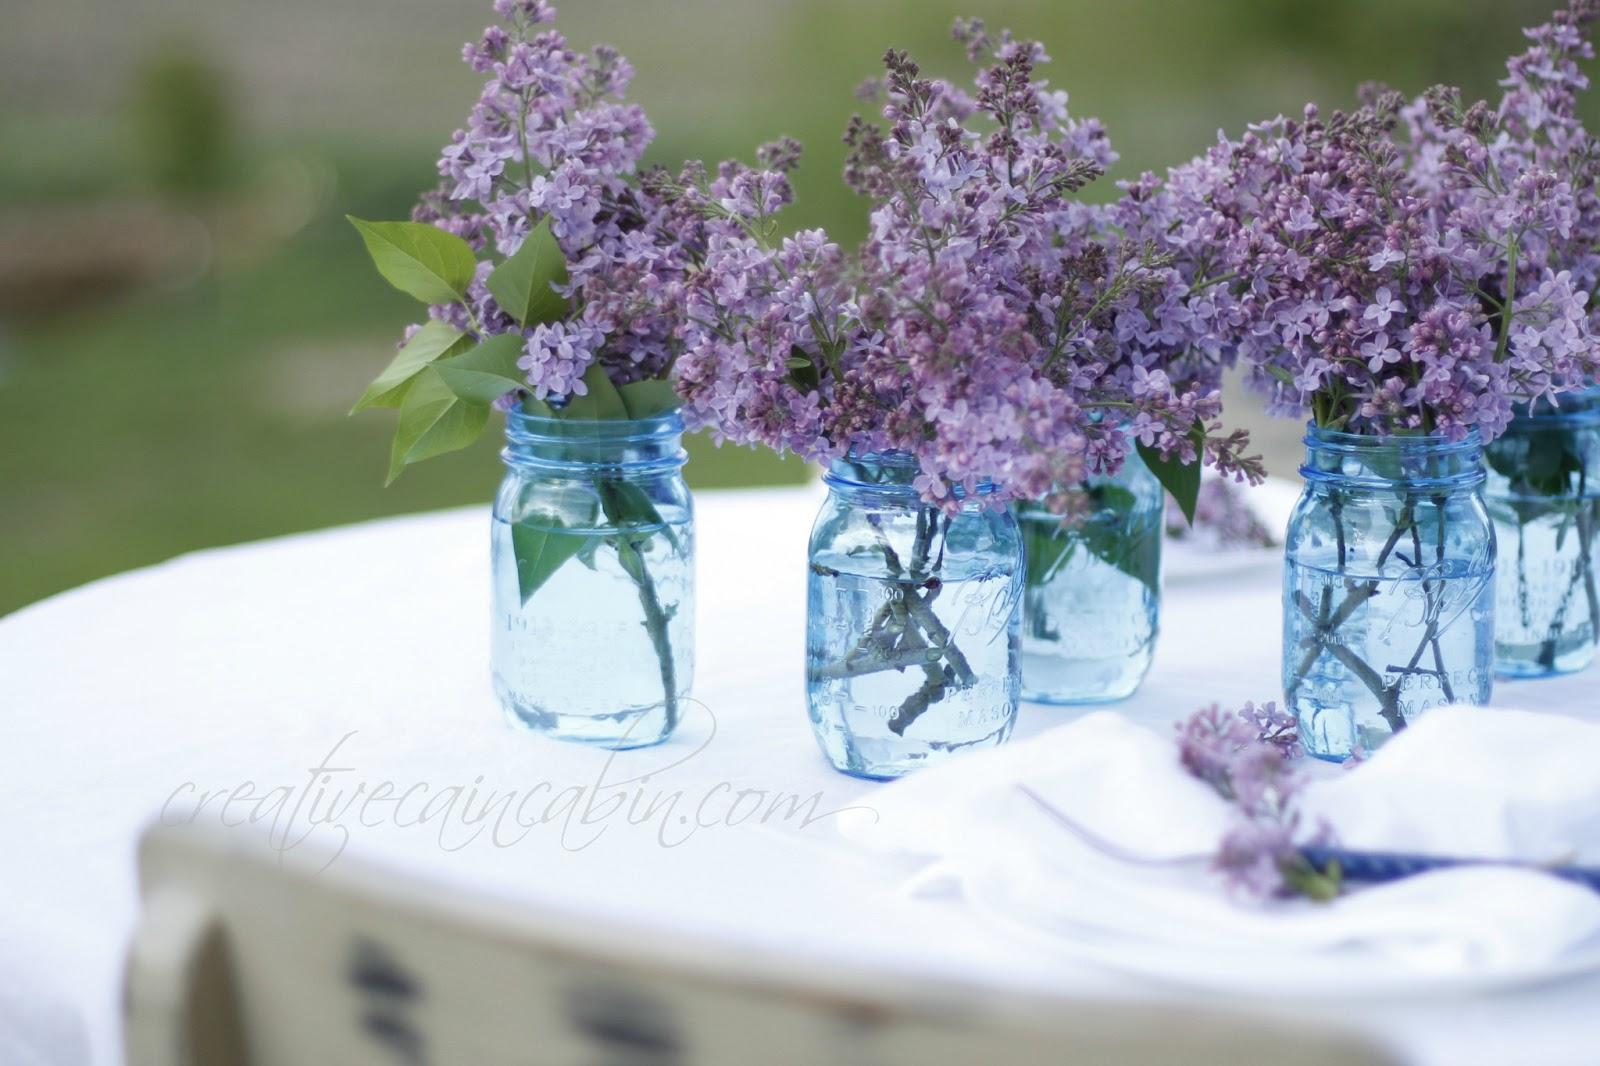 Spring Bouquet In Mason Jar Wallpaper Wallpaper Wide Hd